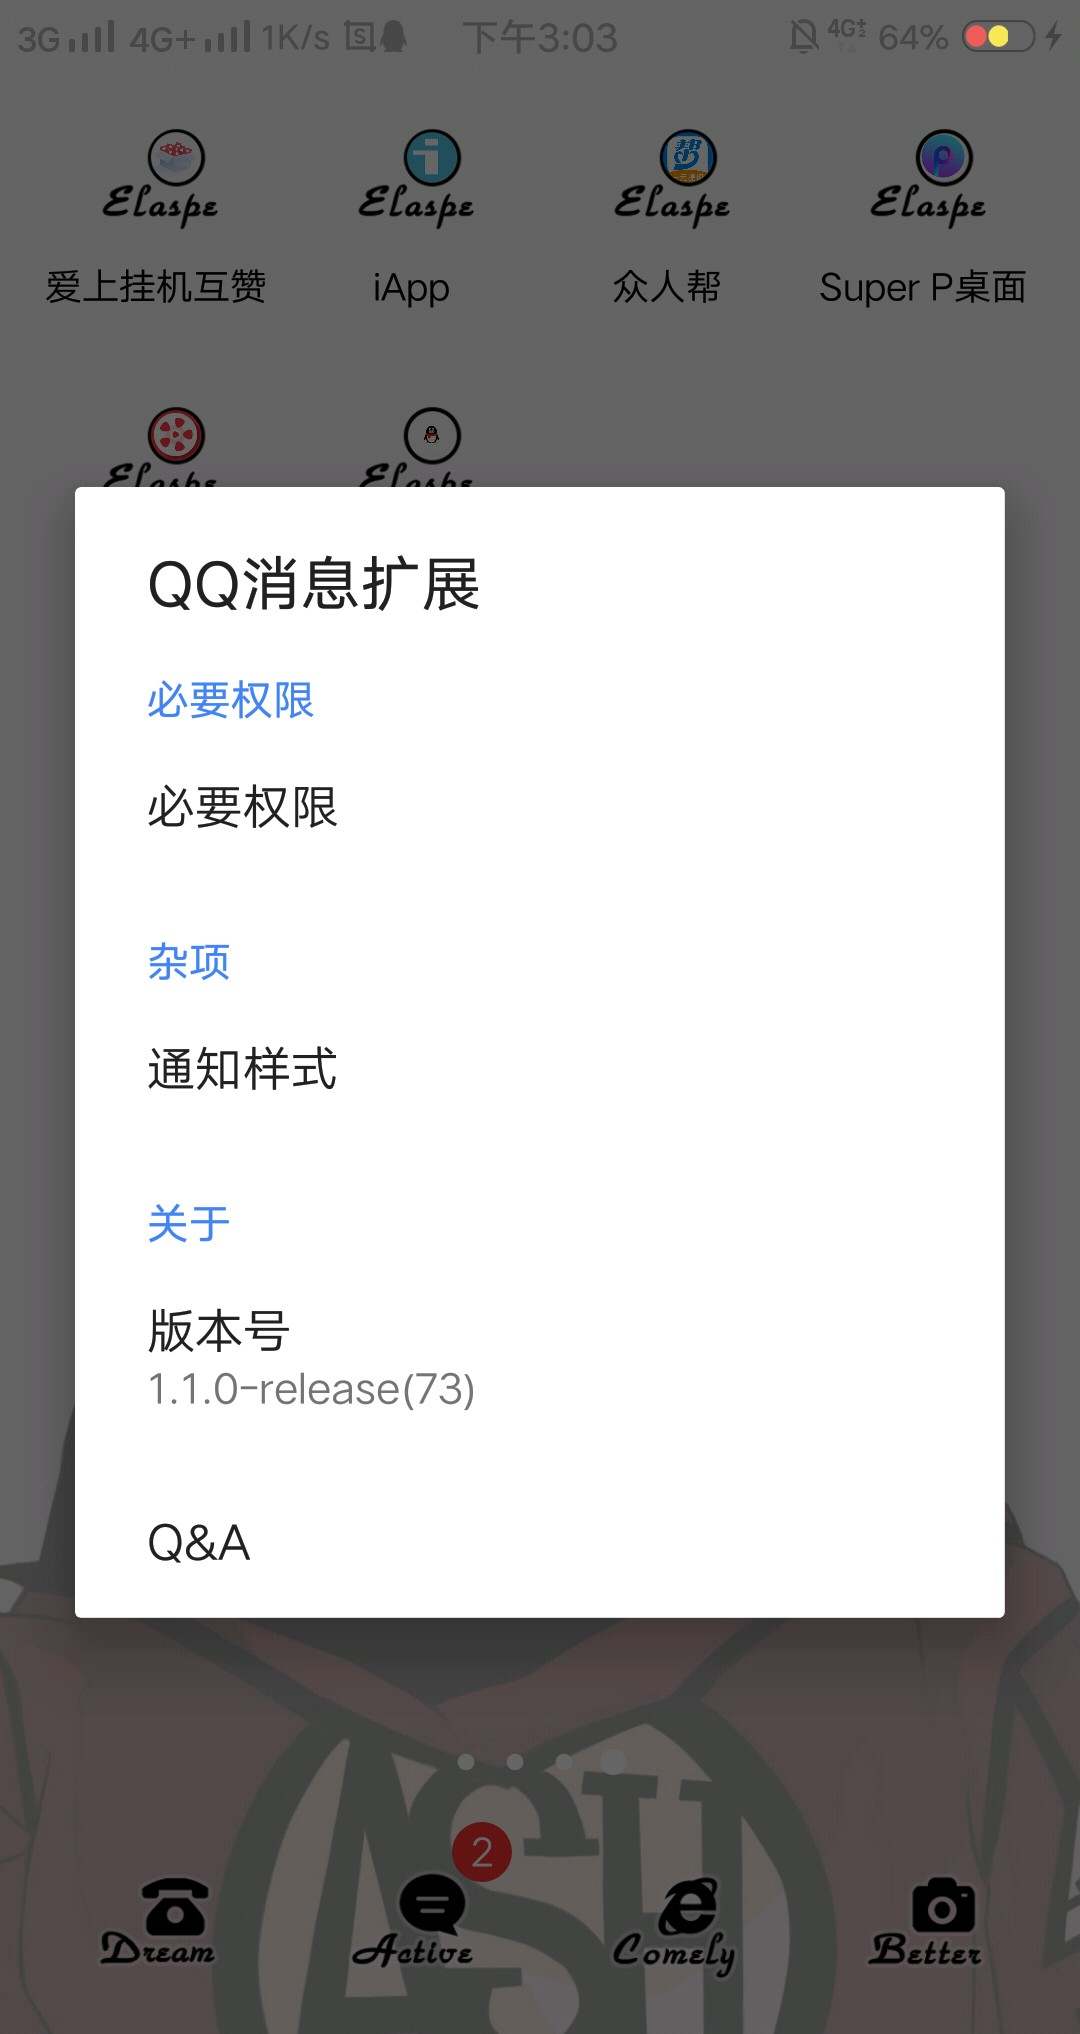 【分享】qq通知增强1. 1.0 分组设置提示-爱小助